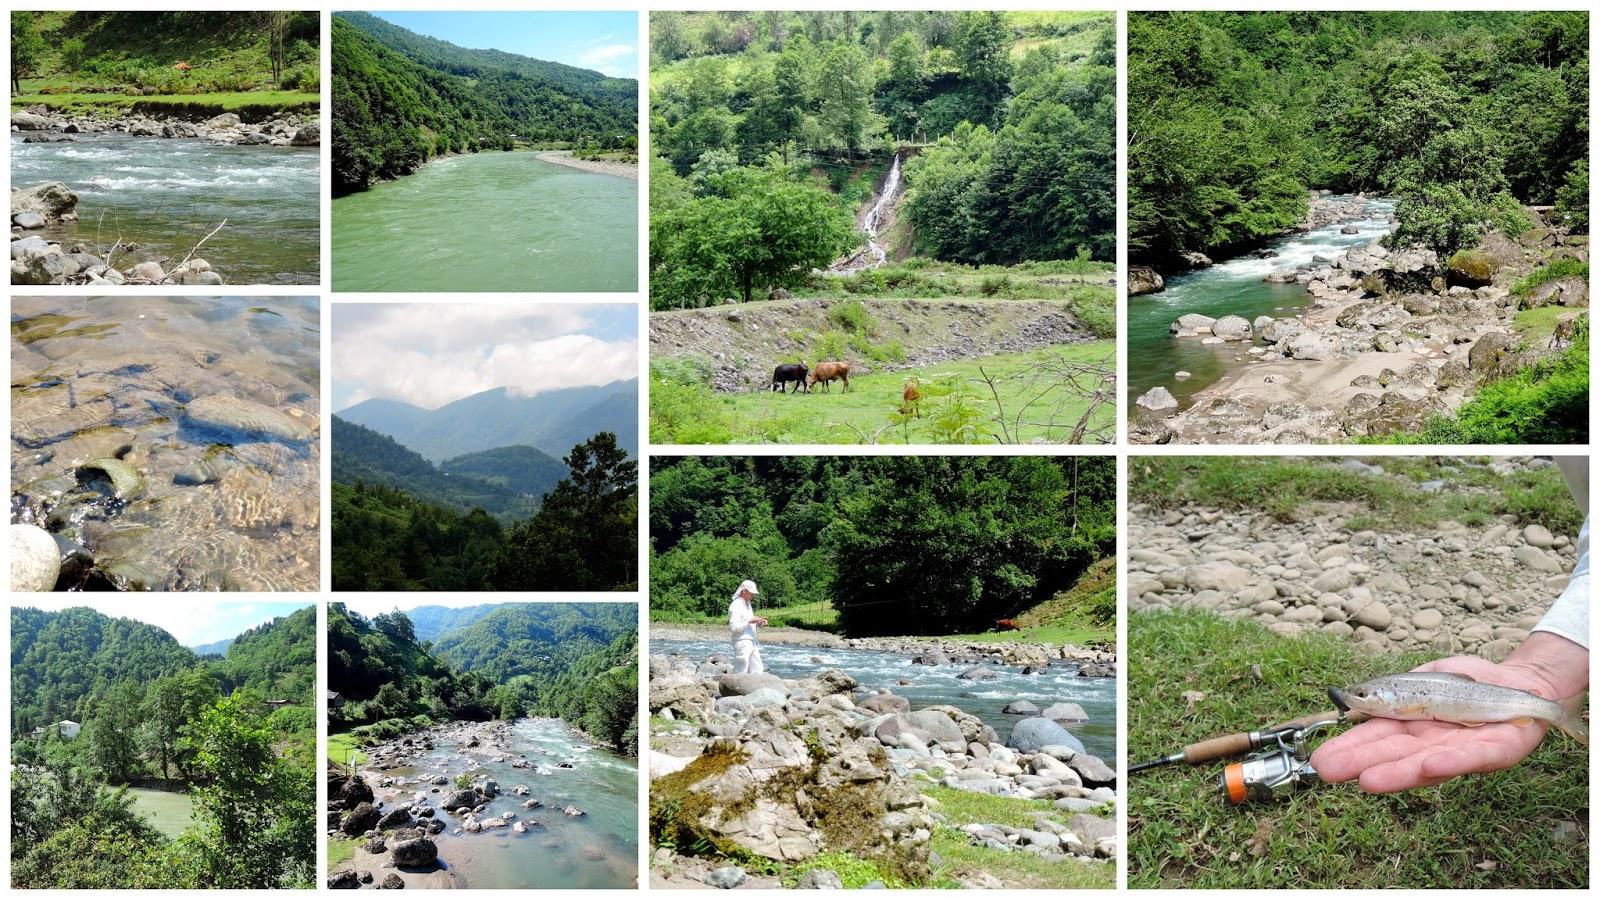 горы, реки, природа Грузии